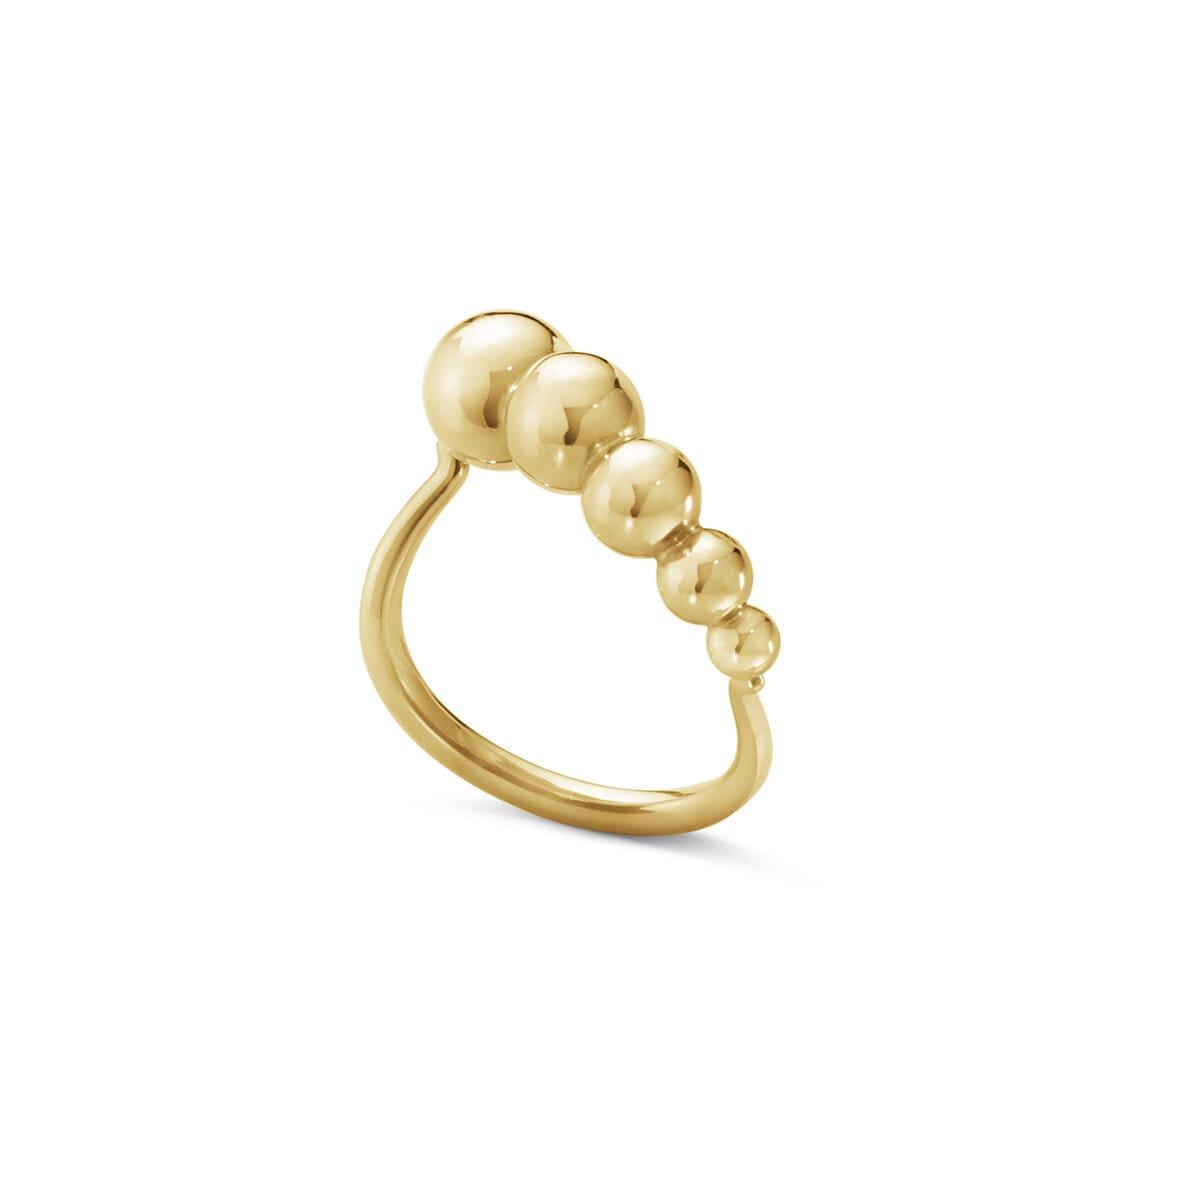 Moonlight Grapes ring